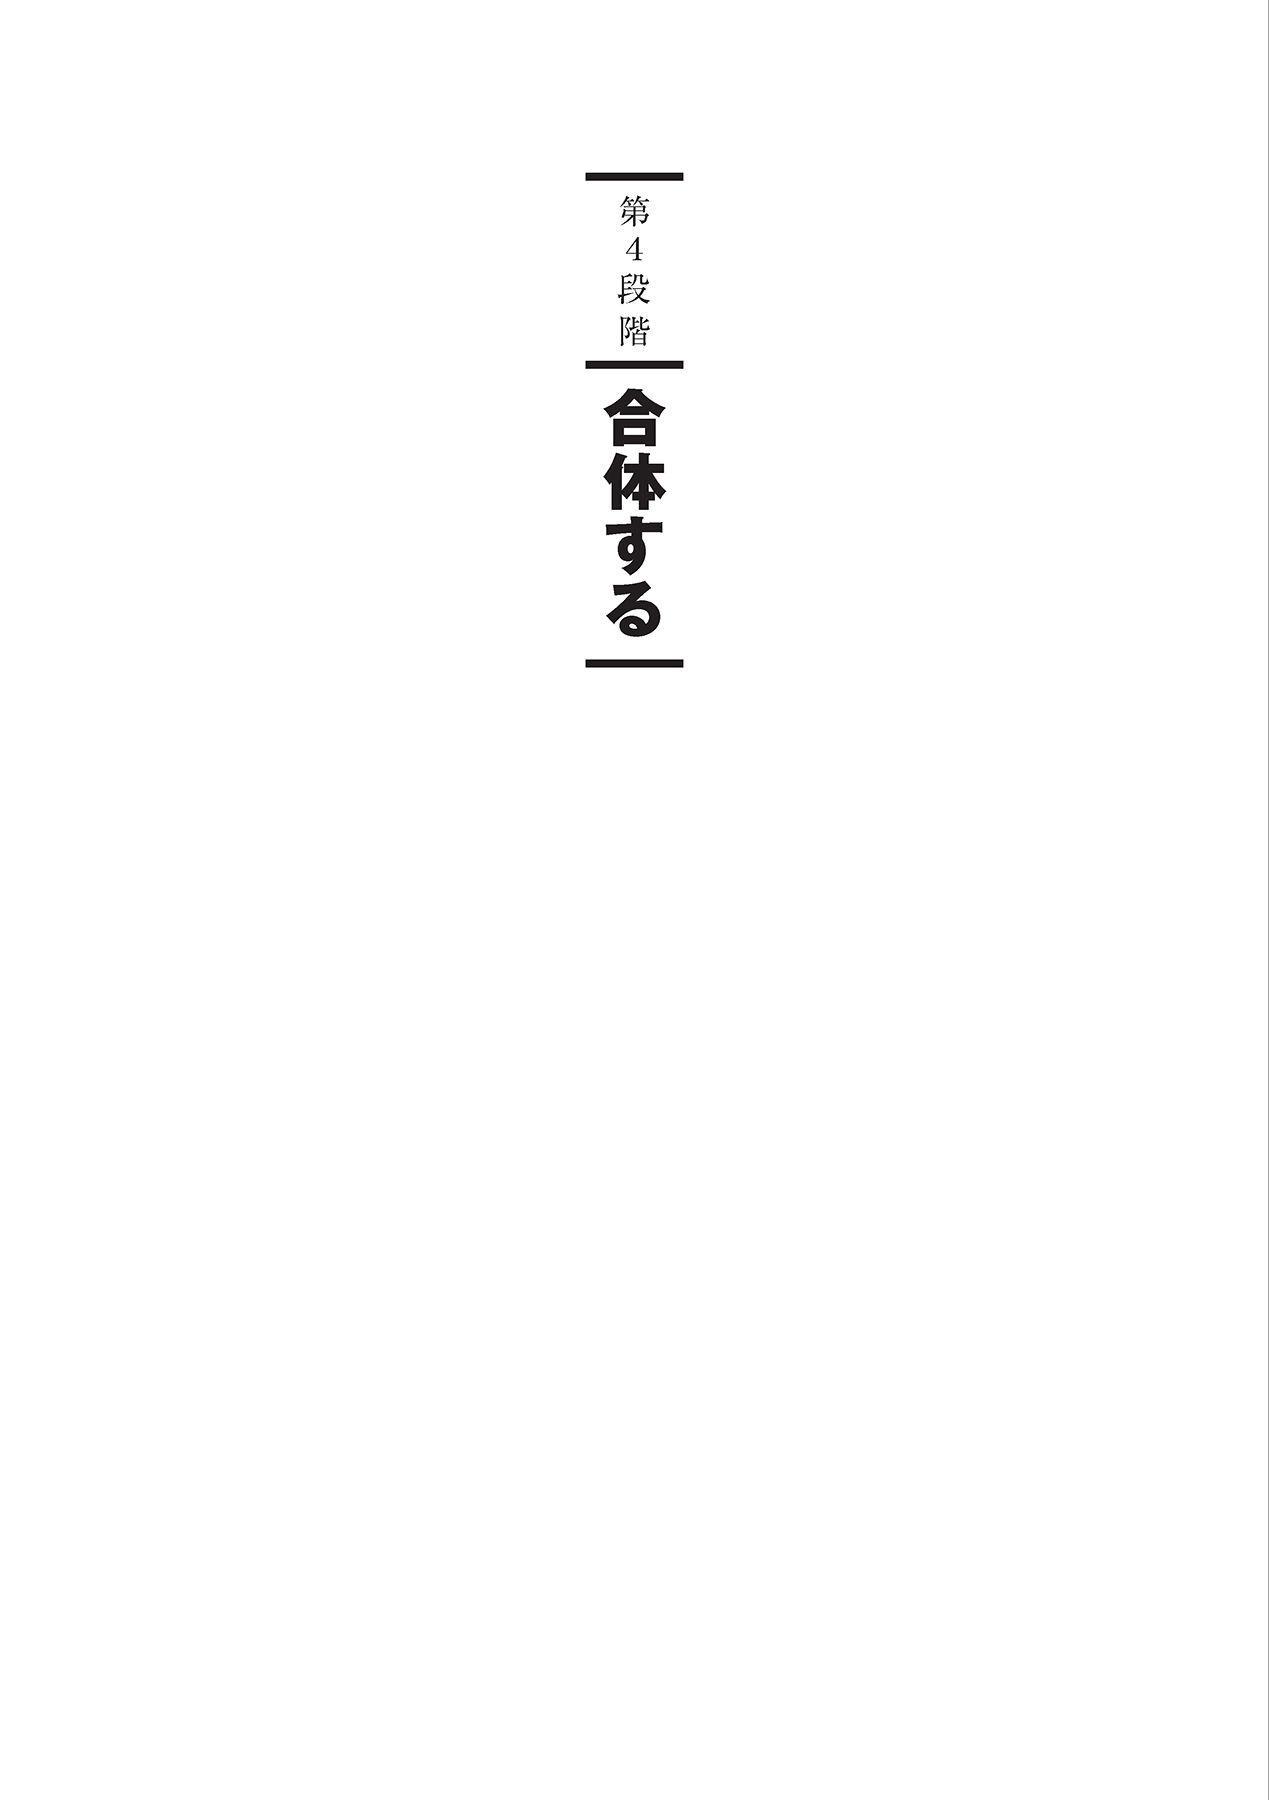 アナル性感開発・お尻エッチ 完全マニュアル 66